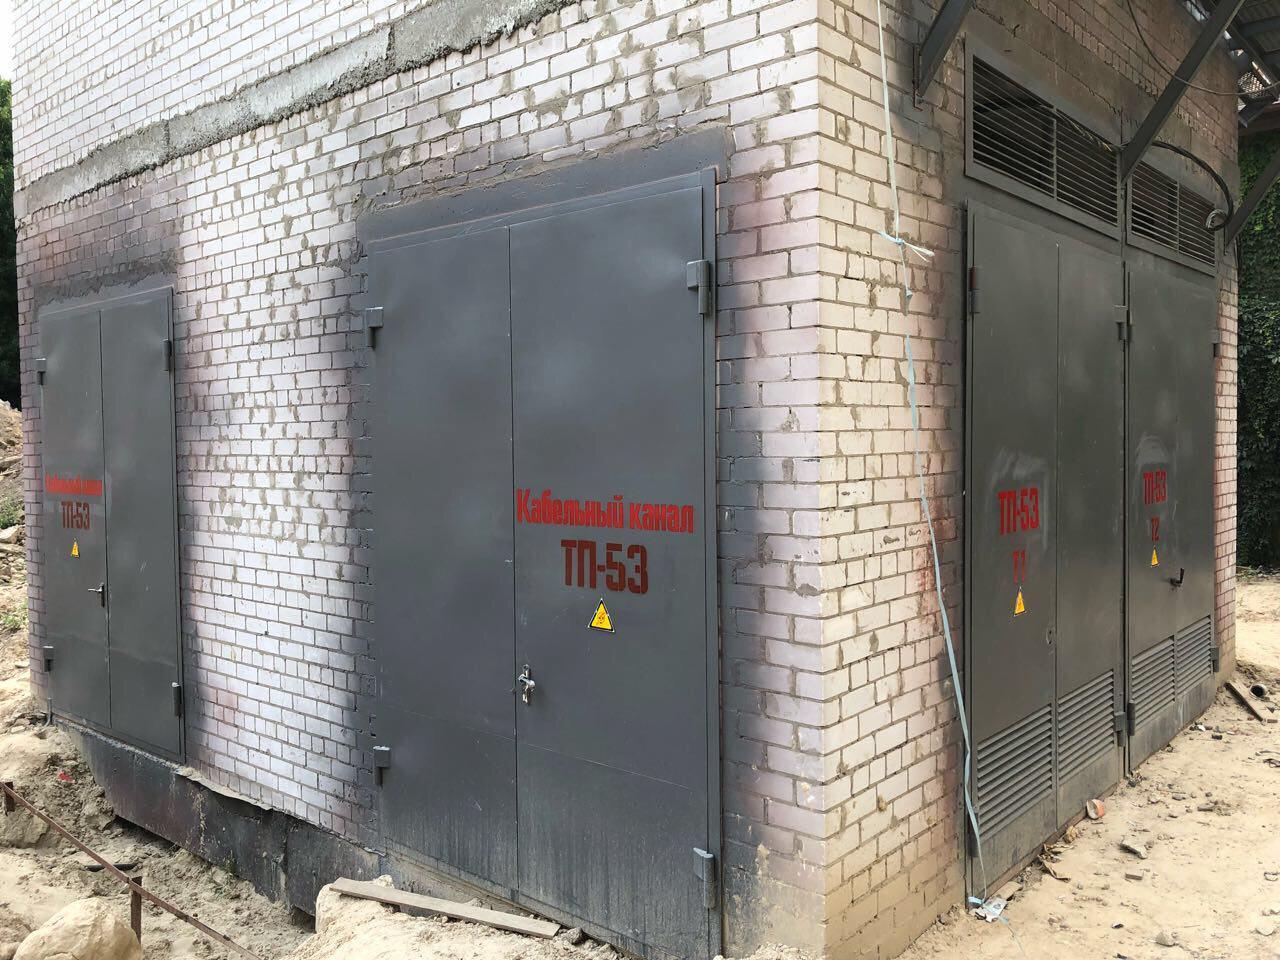 Новое современное ТП/РП введено в эксплуатацию, присвоен номер, секции подключены к новым трансформаторам